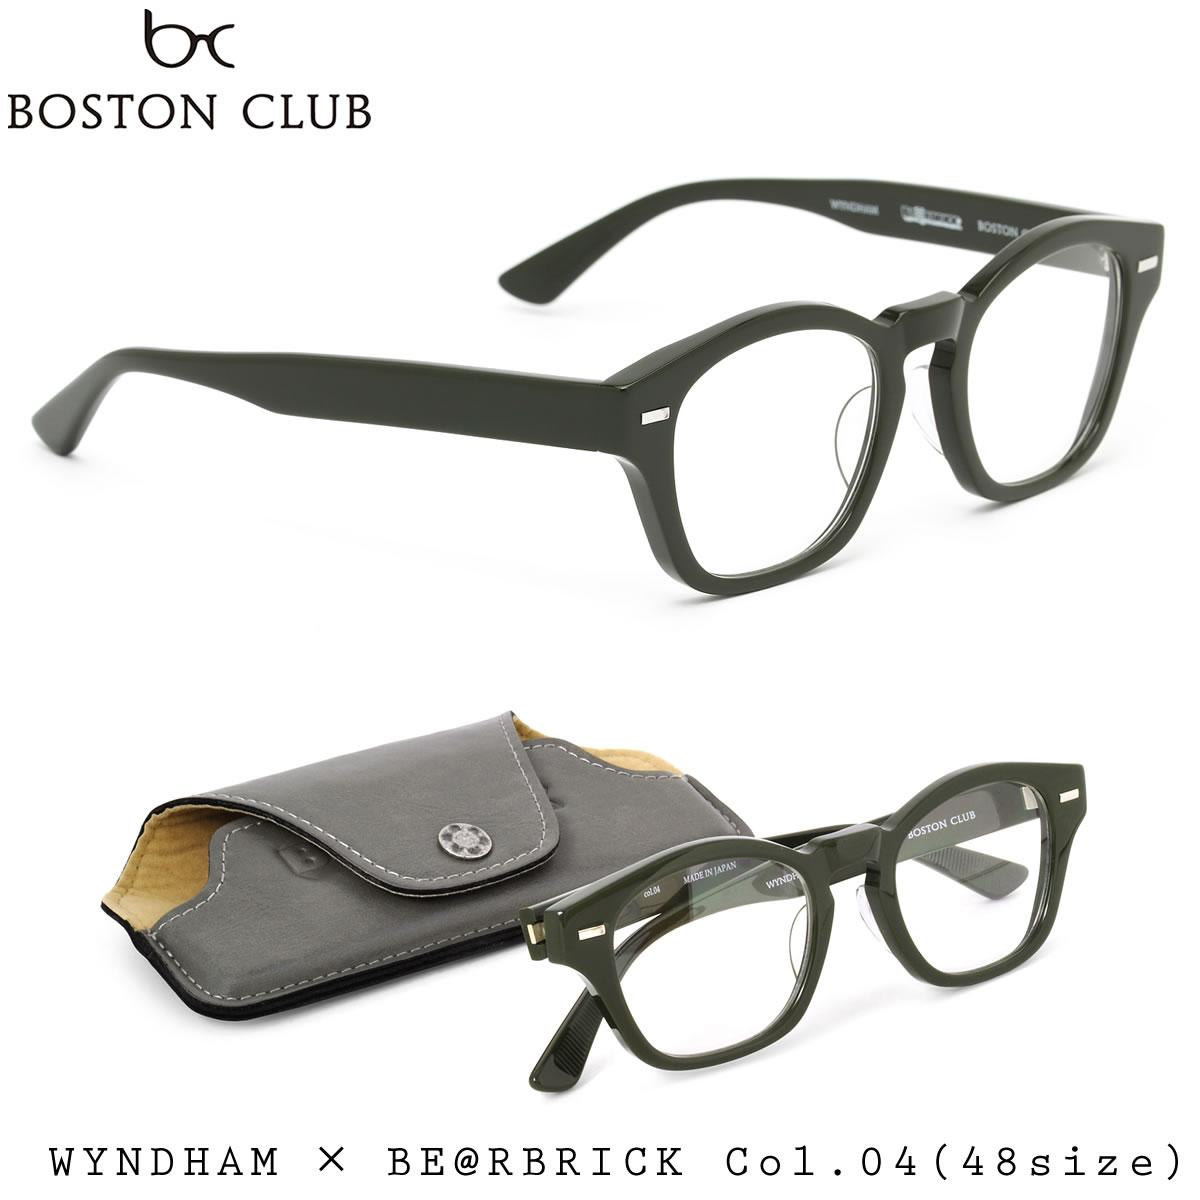 ほぼ全品ポイント15倍~20倍+15倍+2倍 【BOSTON CLUB】(ボストンクラブ) ウィンダム メガネ フレーム WYNDHAM 04 48サイズ ウェリントン 伊達メガネセット メンズ レディース